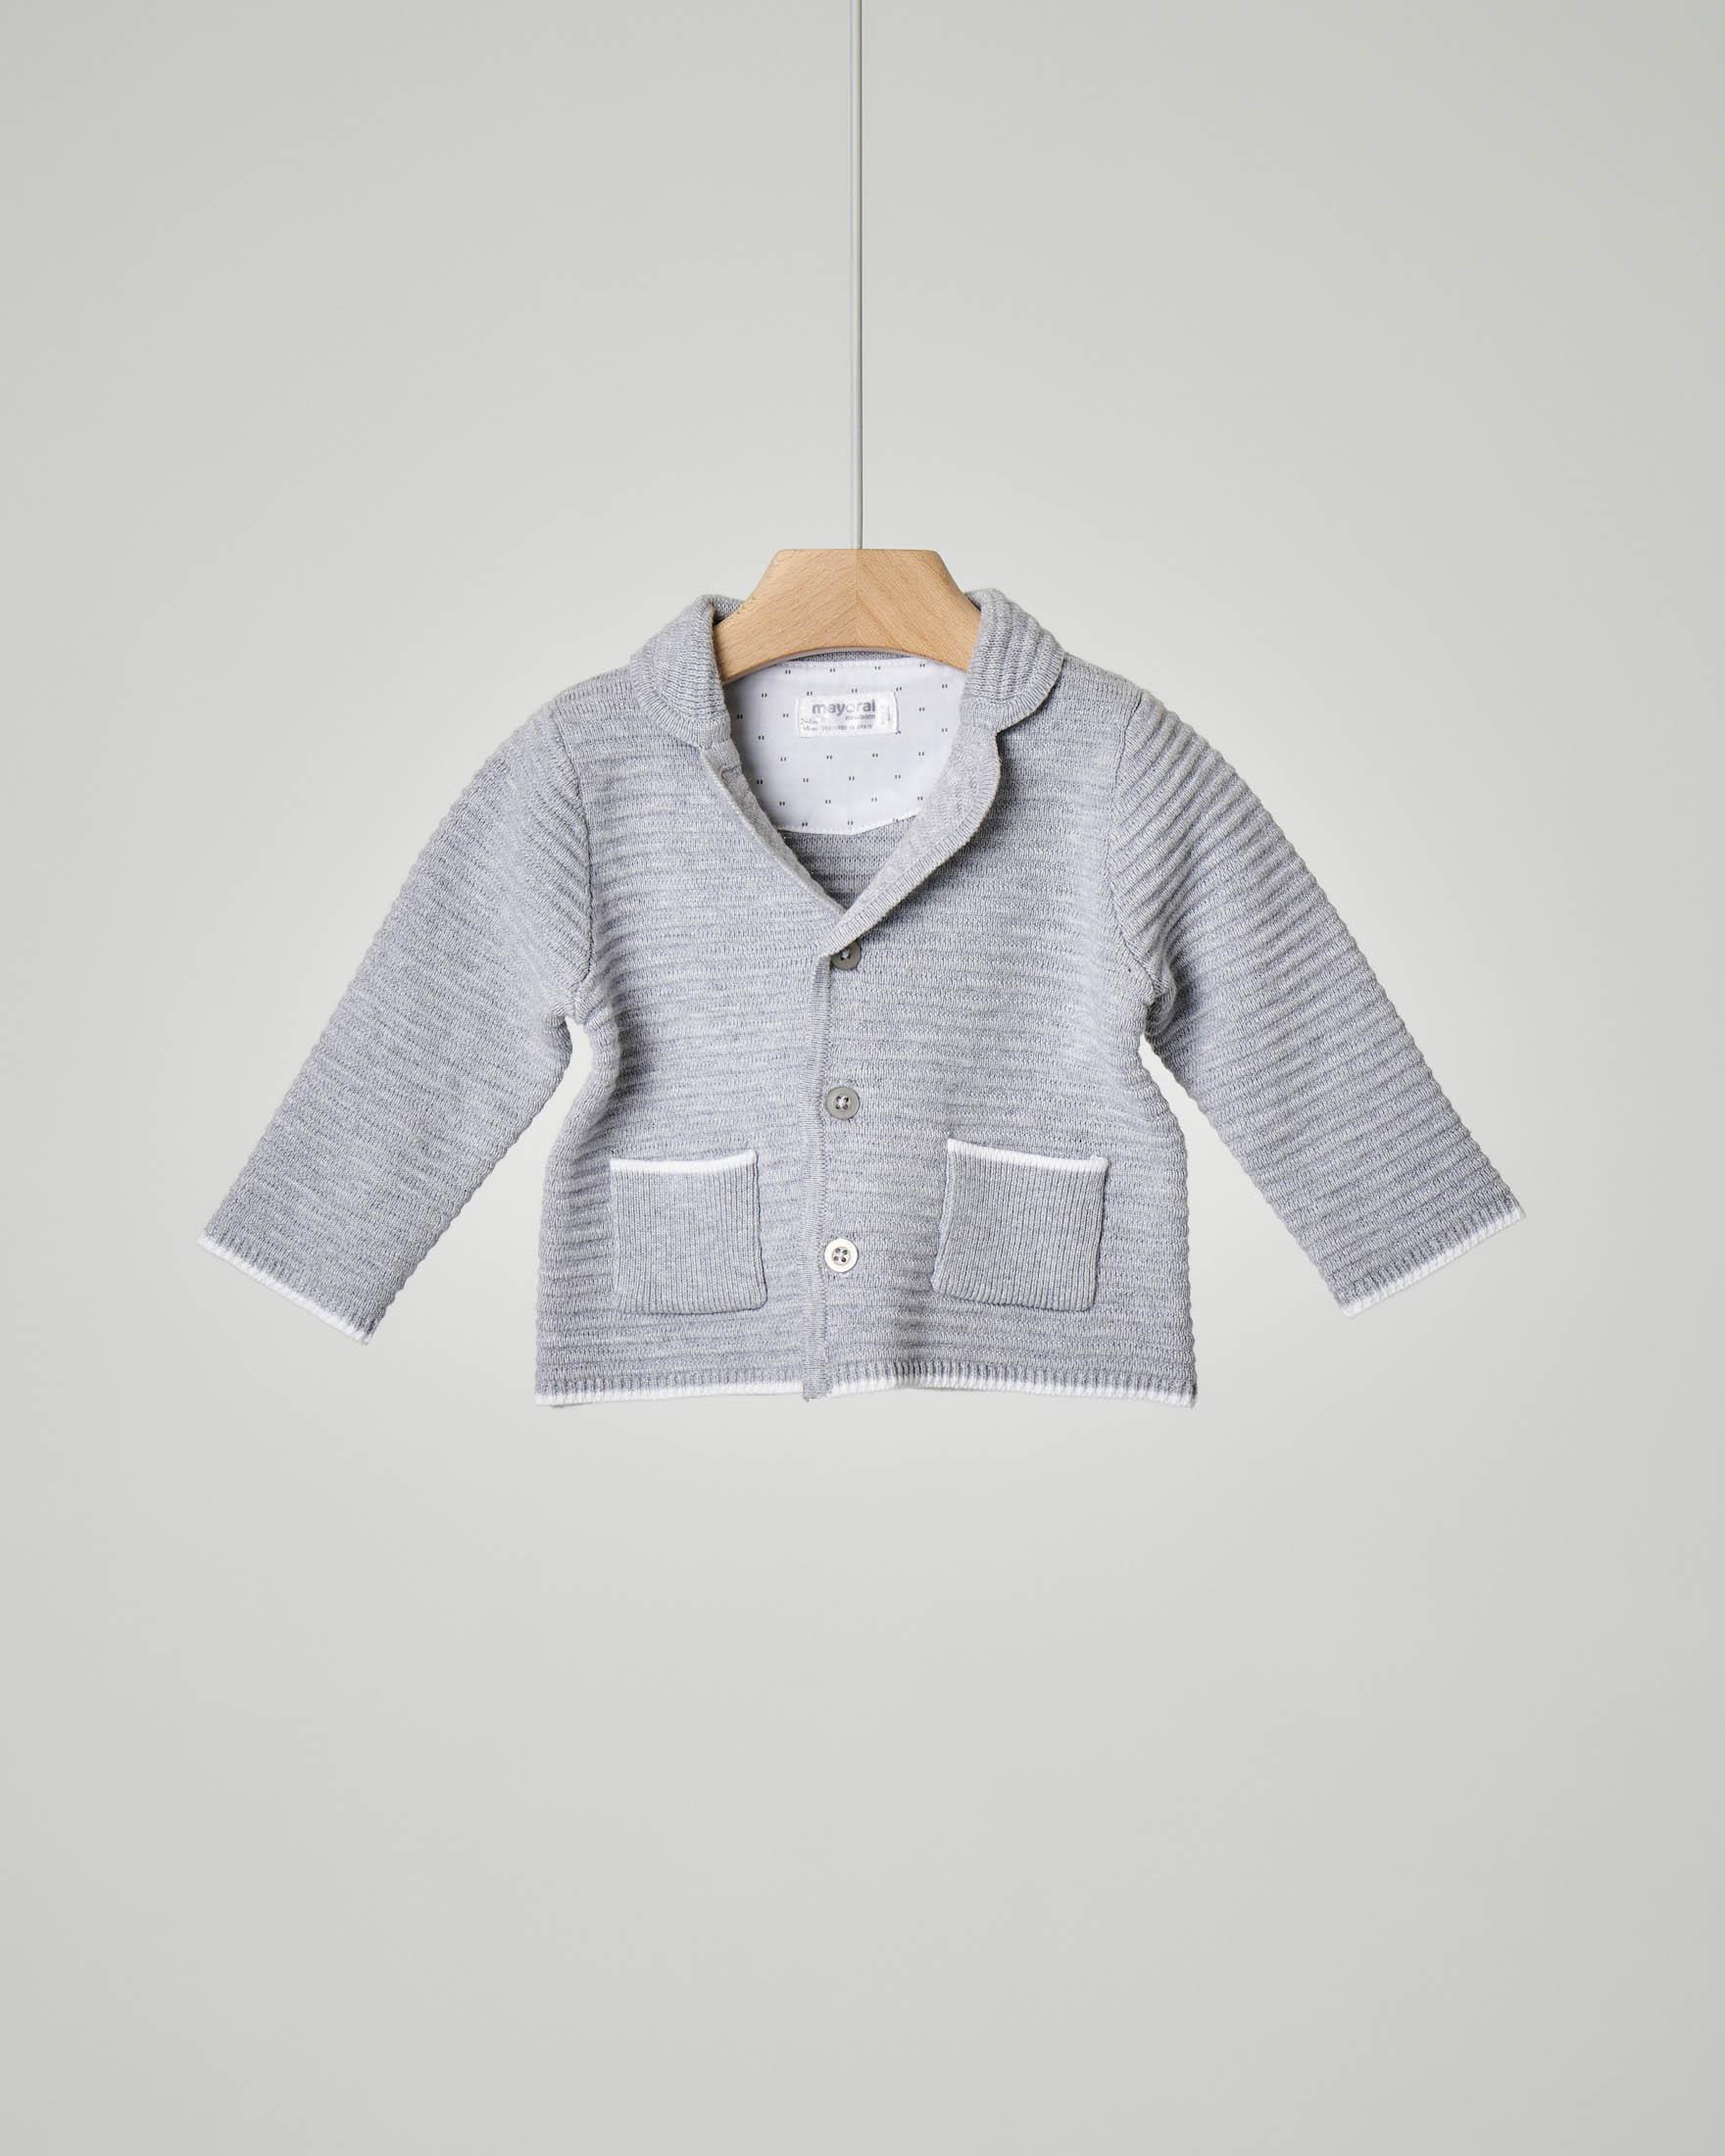 Giacca grigia in cotone con colletto con risvolto e profili a contrasto